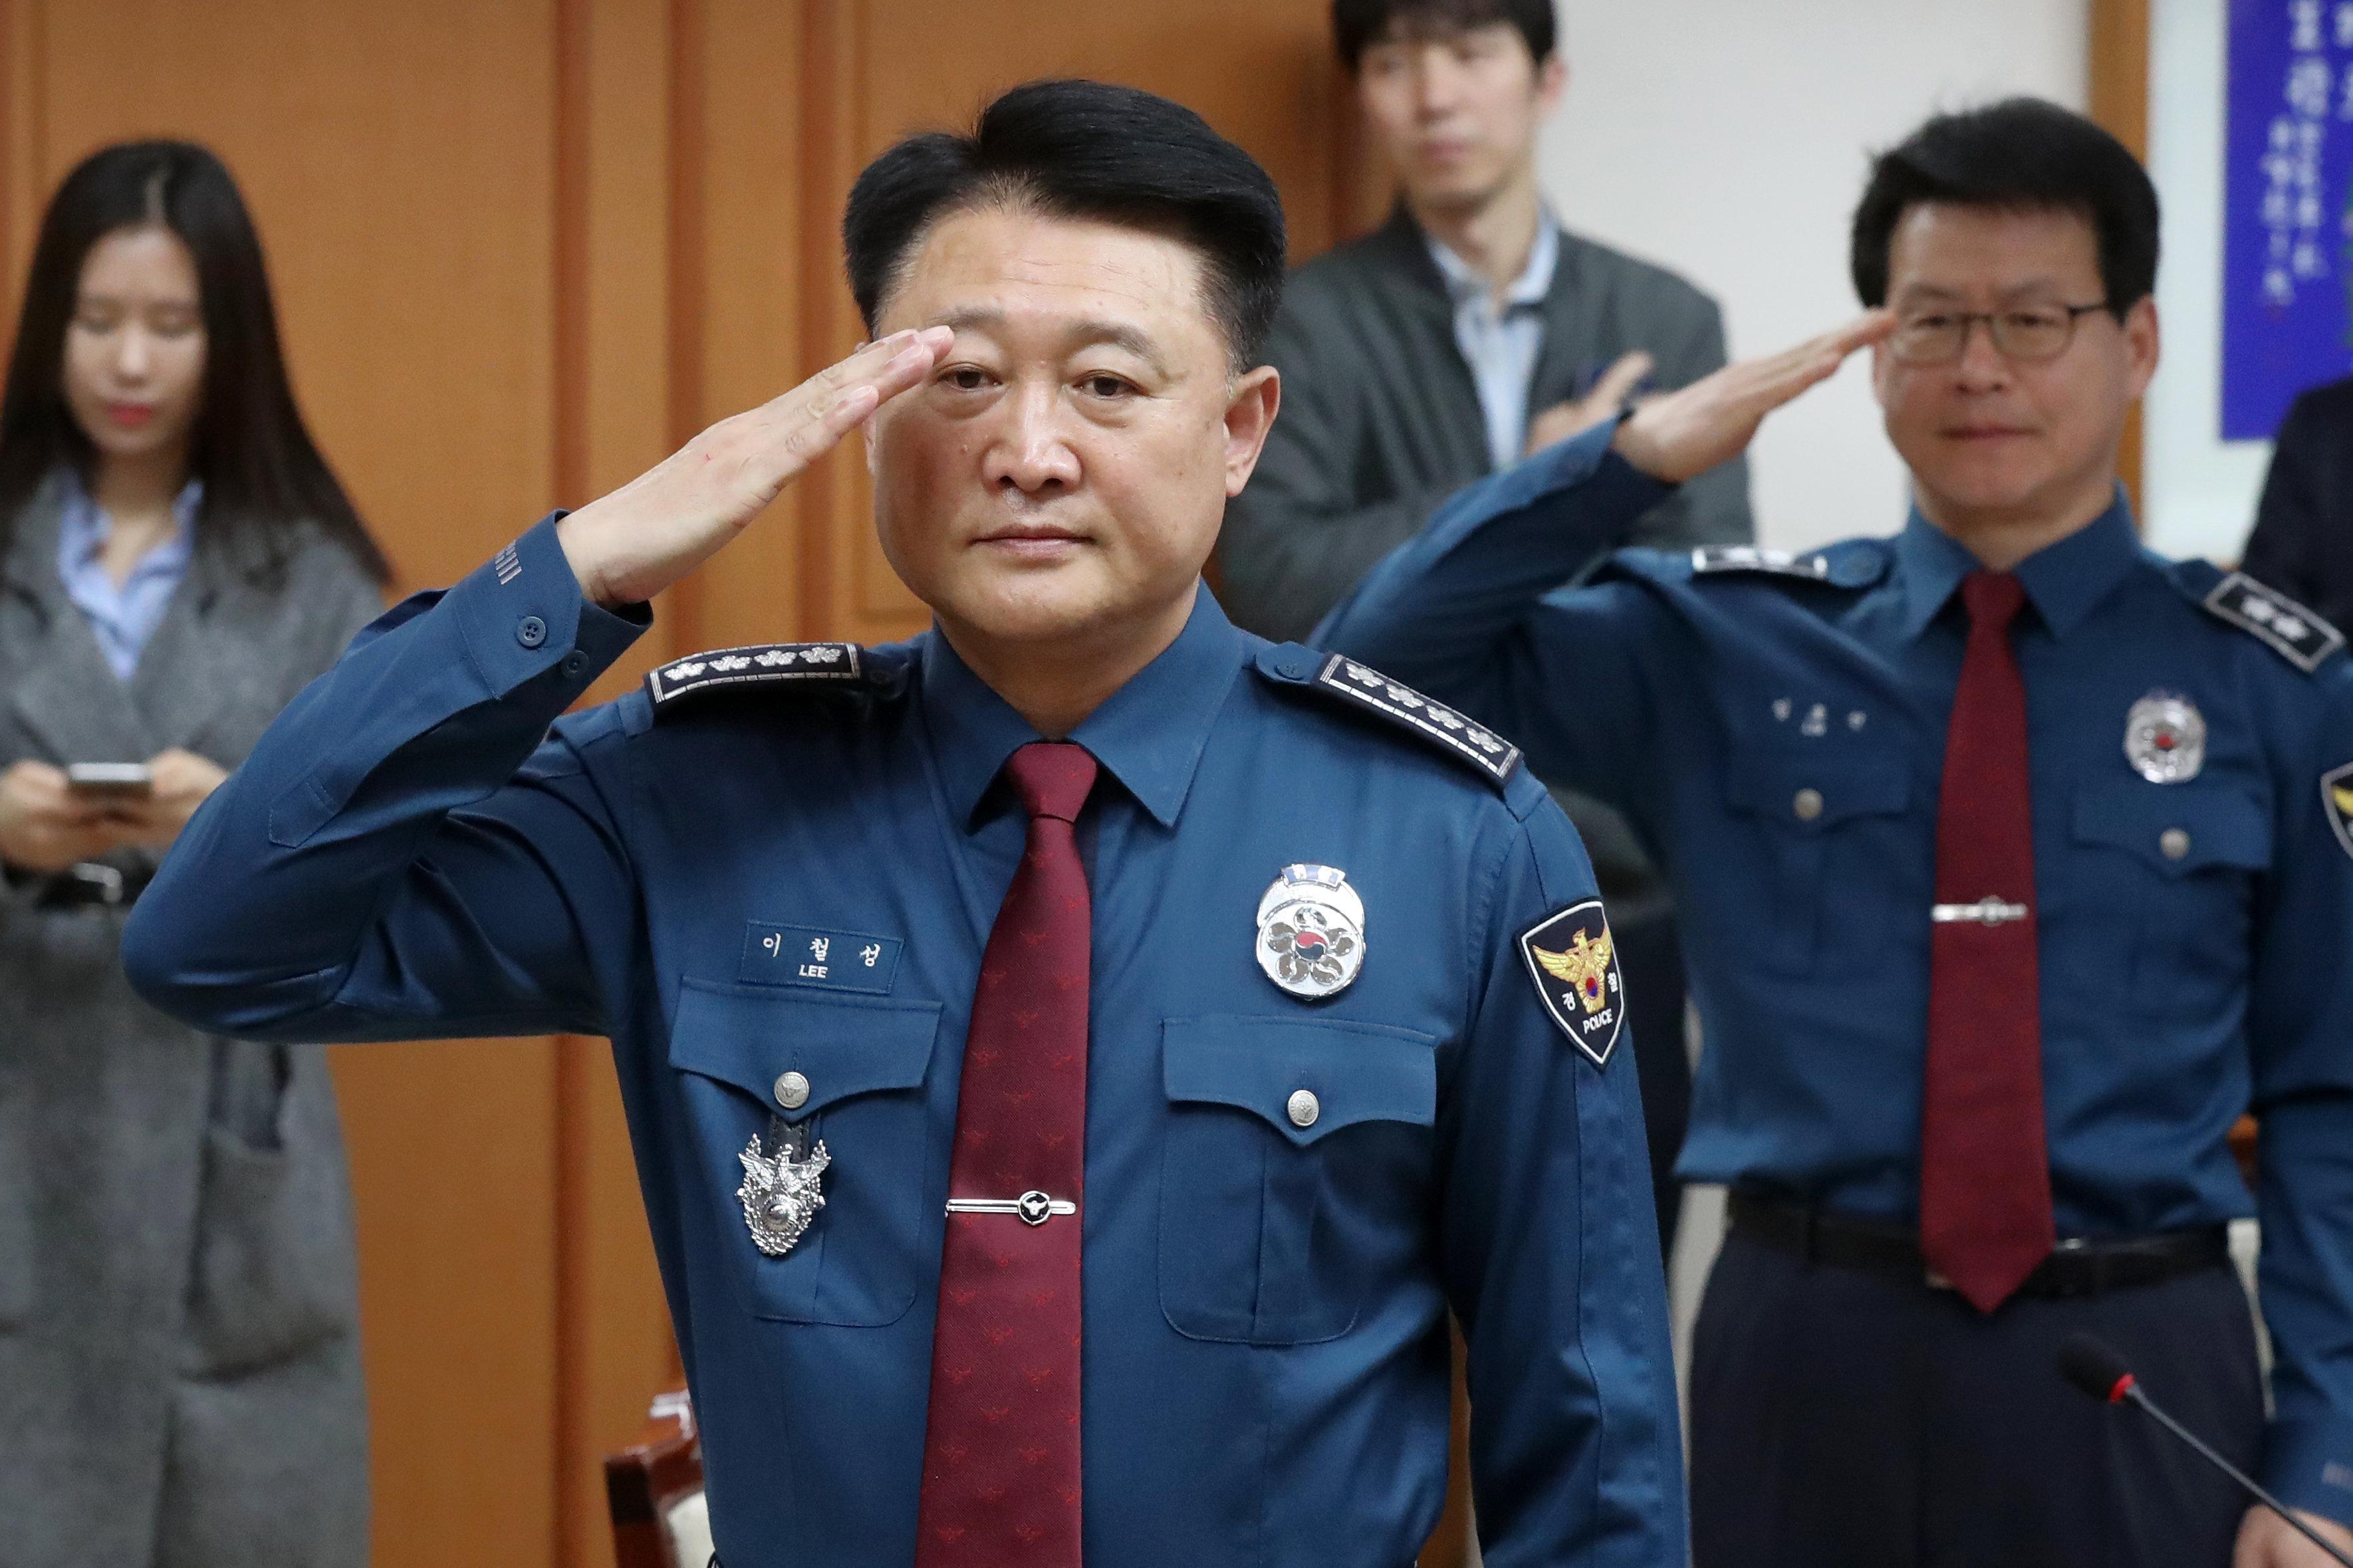 이철성 경찰청장이 '경찰 미친개' 발언에 심경을